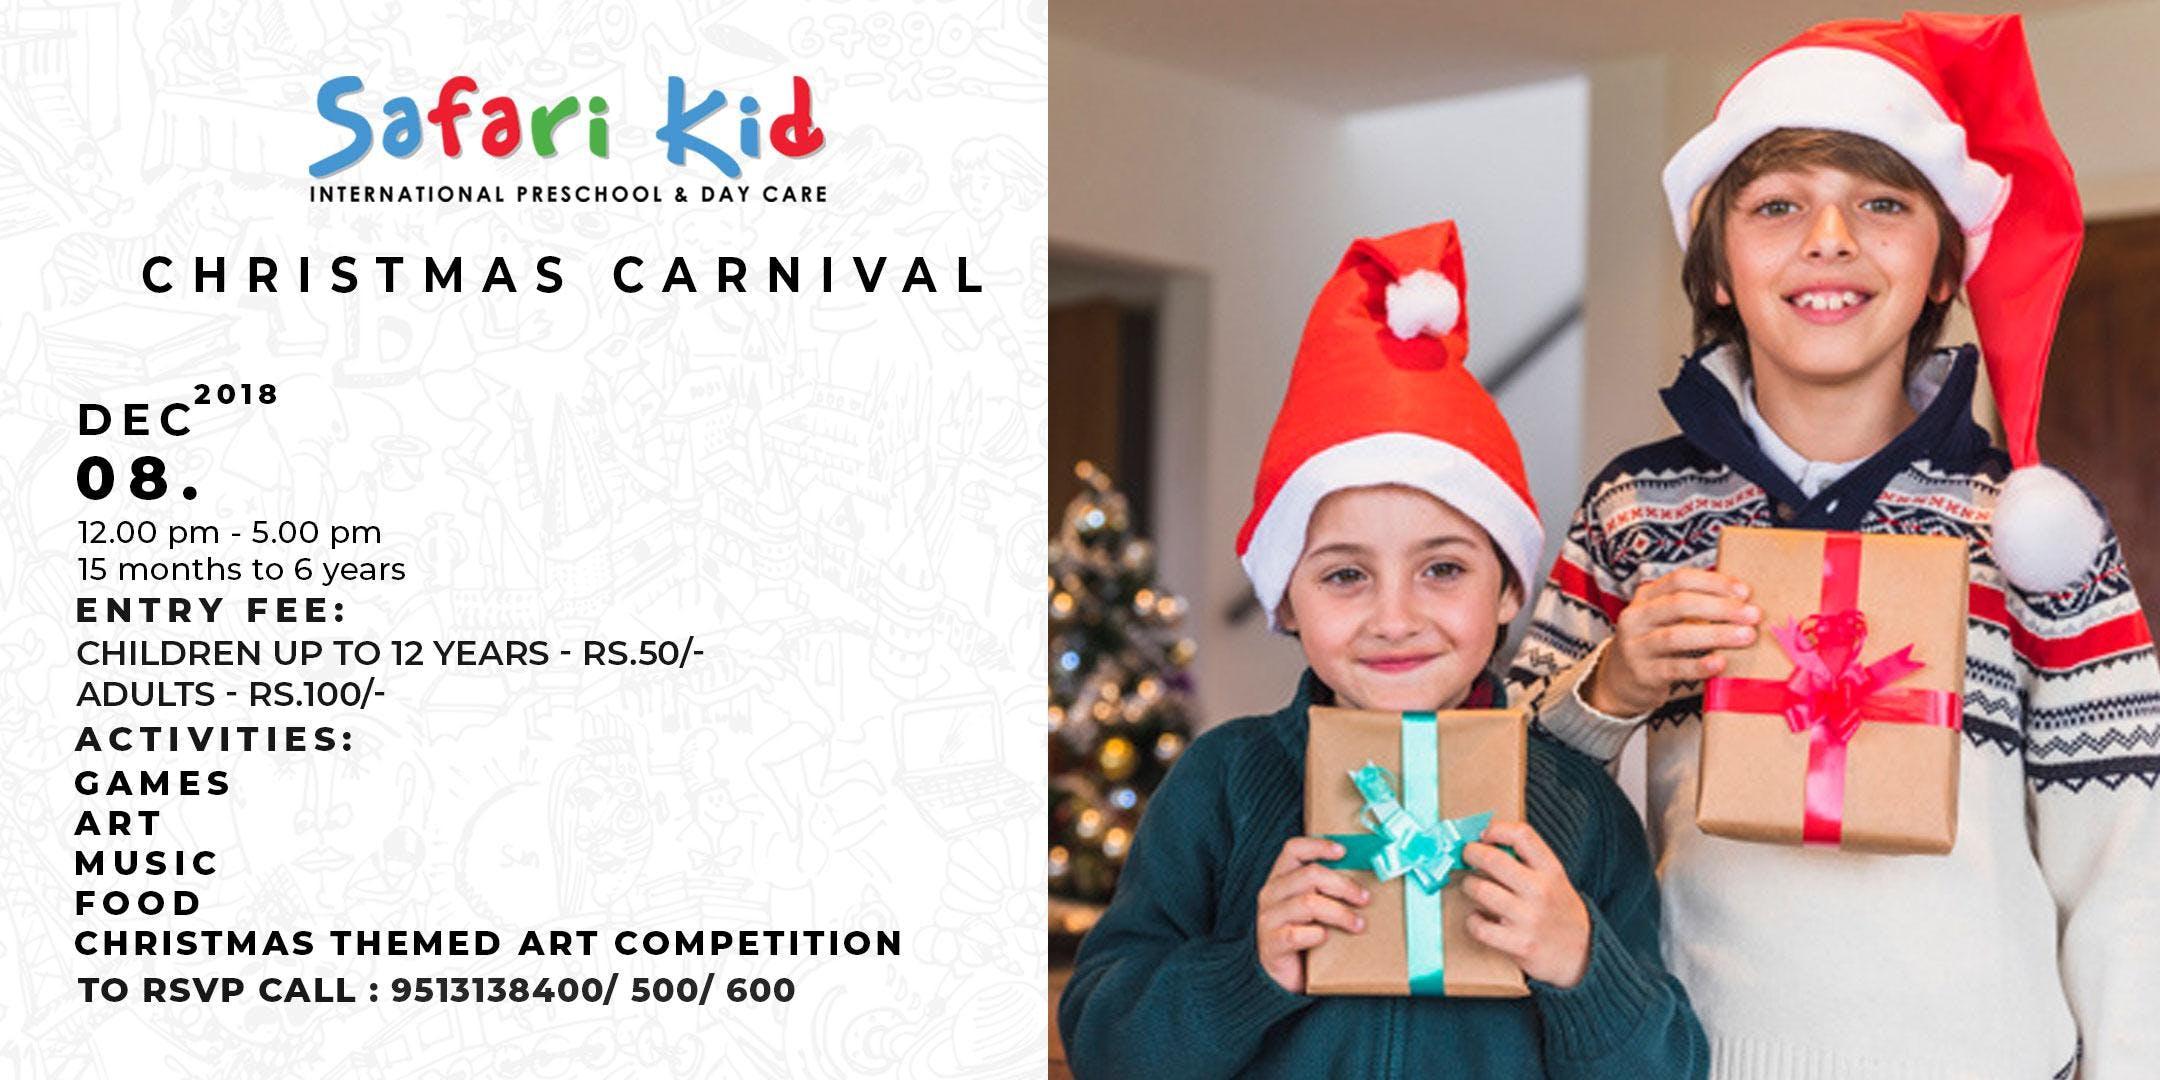 Safari Kid Christmas Carnival - 8 DEC 2018